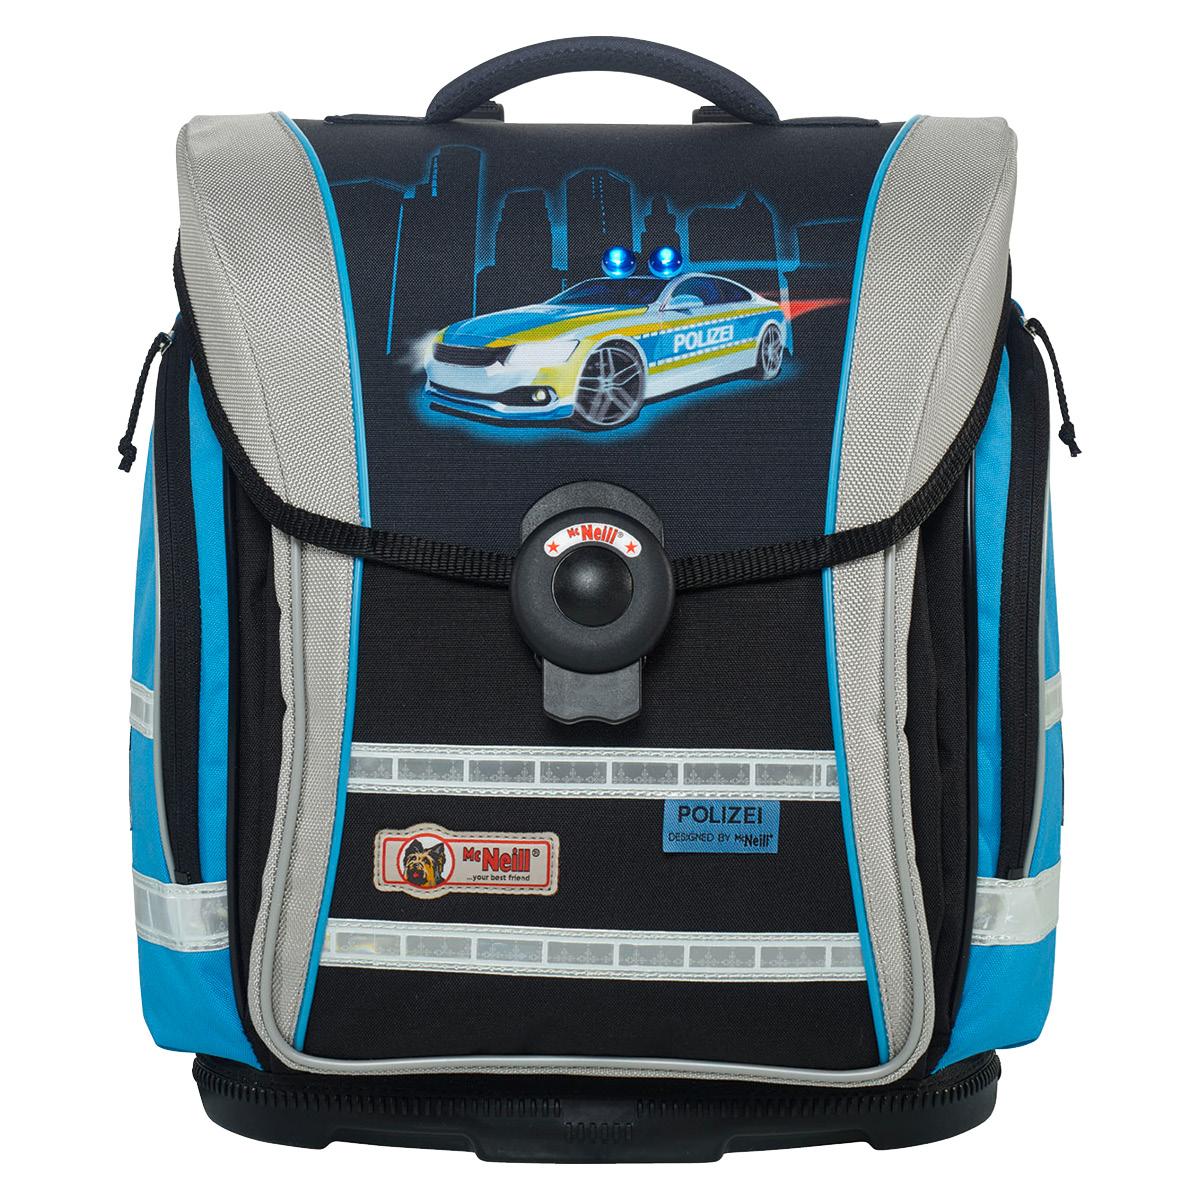 McNeill-Schulranzen-ERGO-Light-COMPACT-flex-9604183000-schwarz-blau-auto-polizei